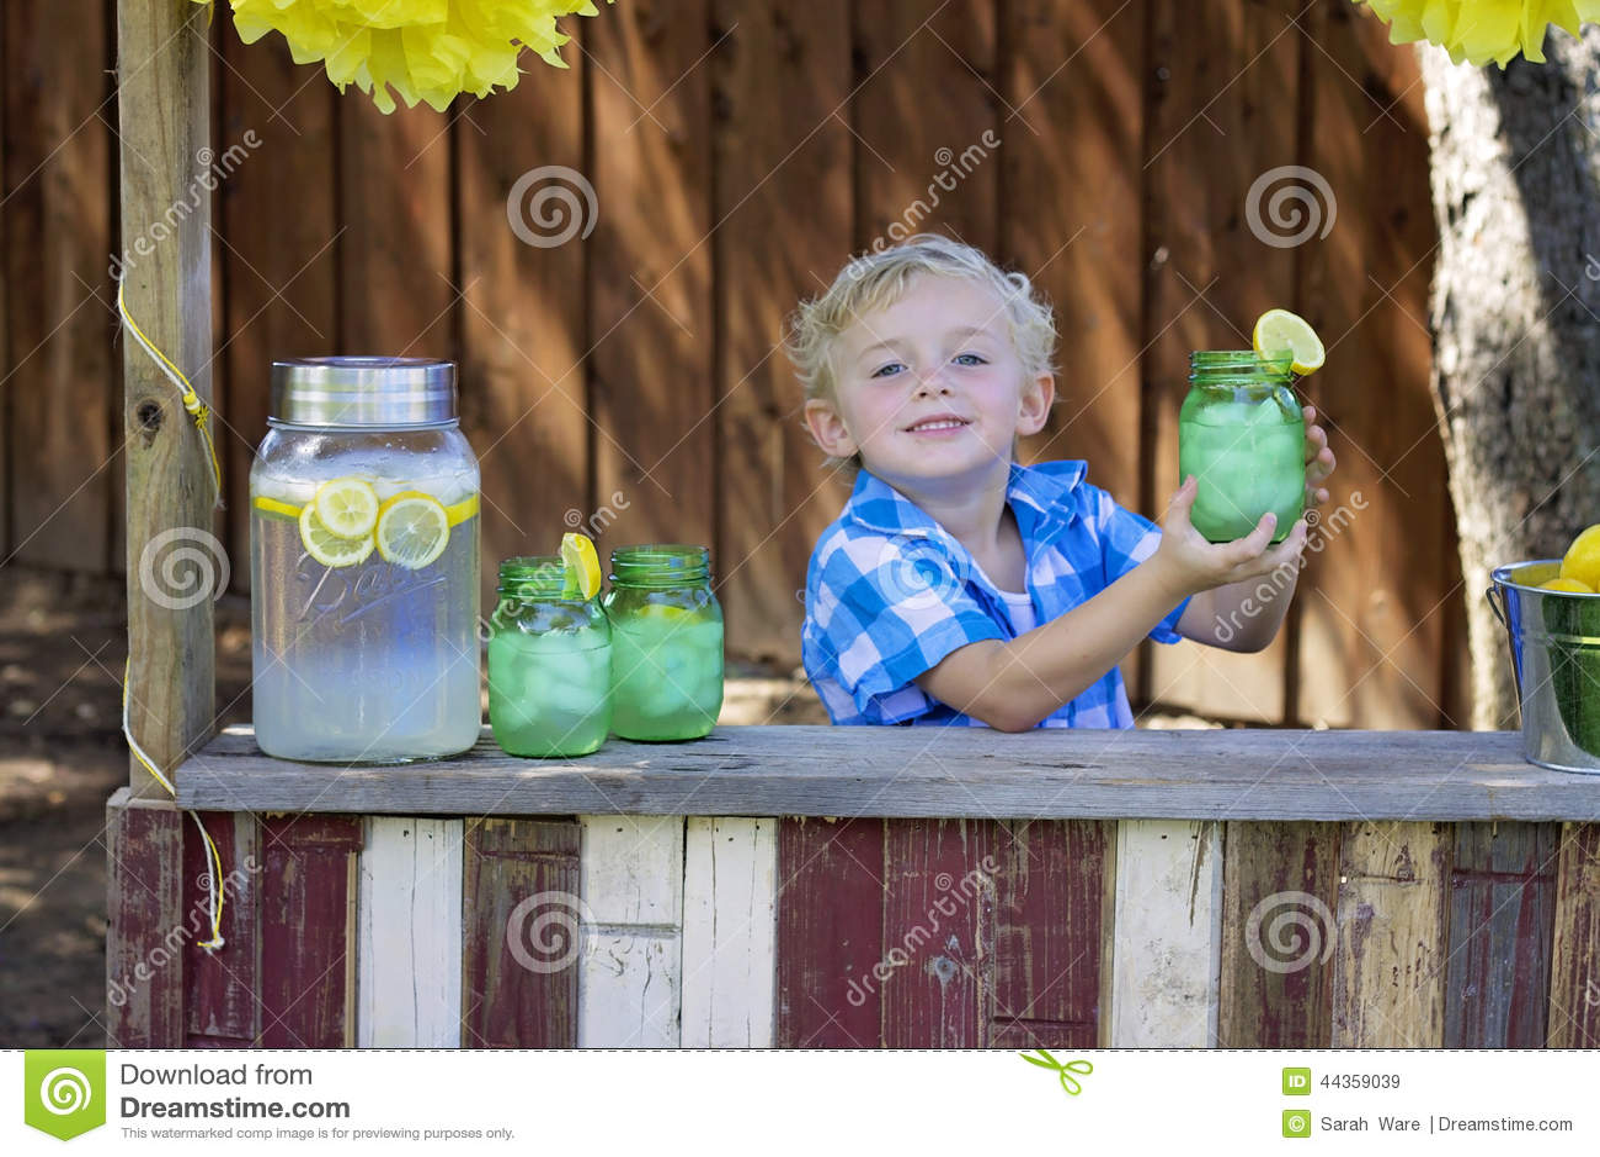 Voi gradiscono una certa limonata?